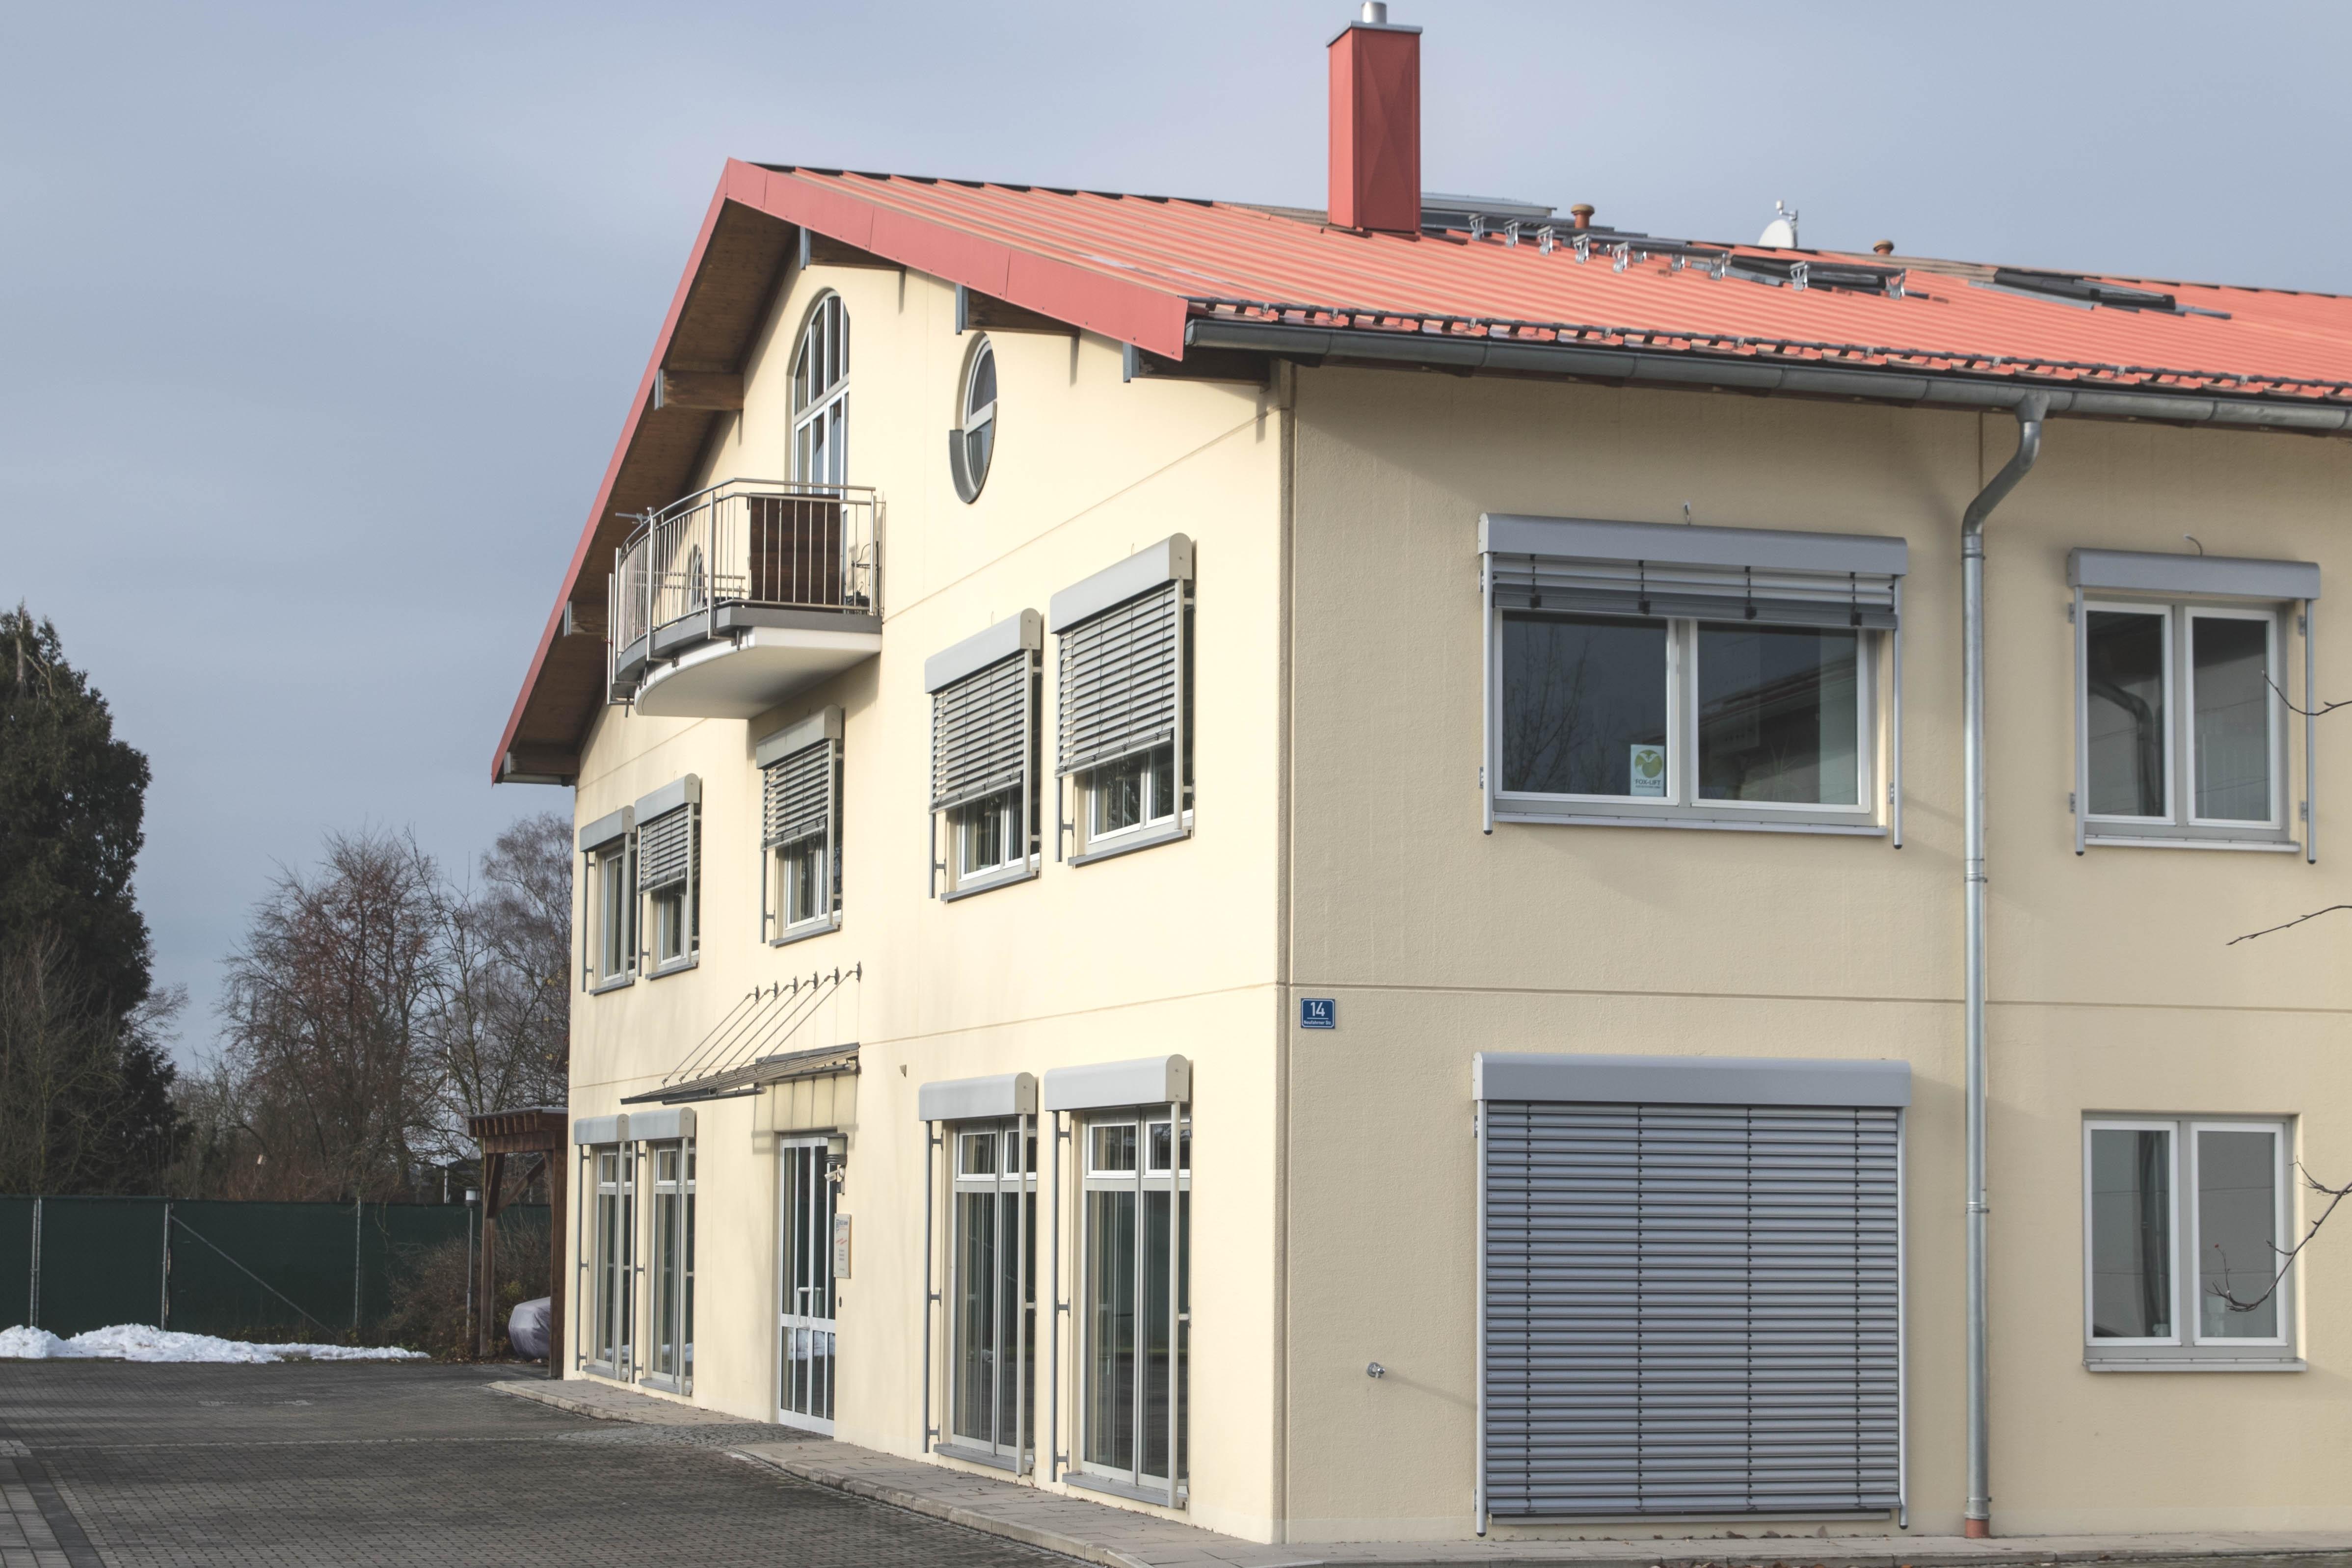 Unternehmen   Ernst & Kühbandner - Consultants und Developers GmbH